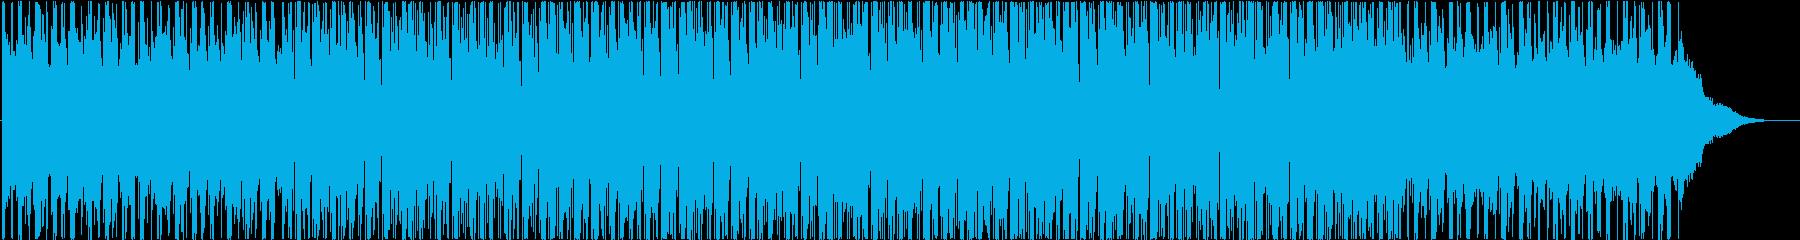 ポジティブ、エネルギッシュ、ヒップホップの再生済みの波形